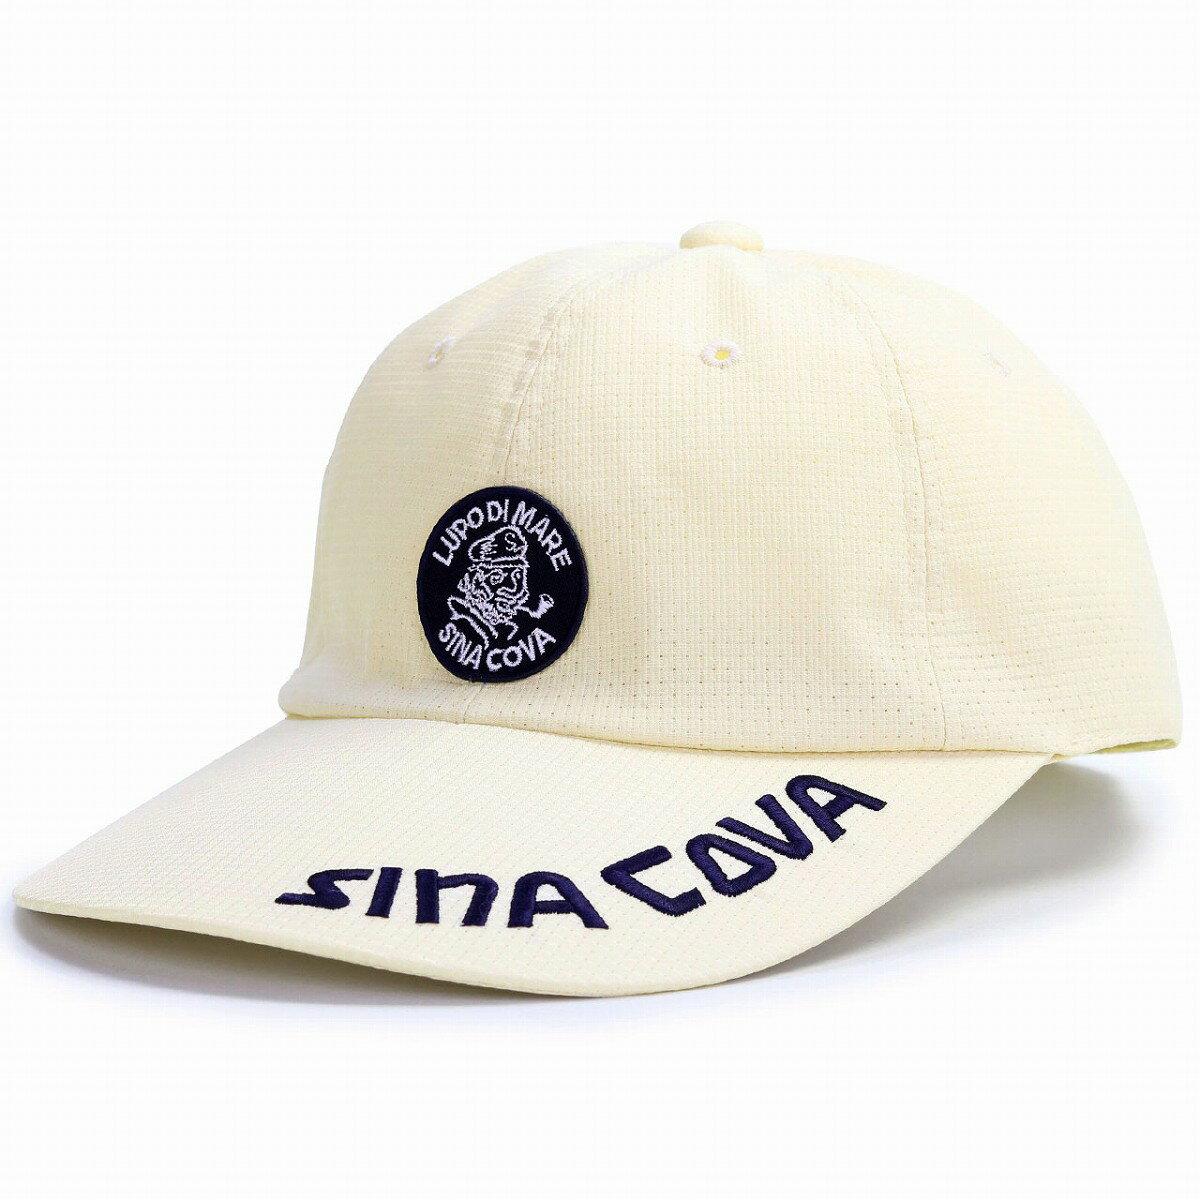 シナコバ キャップ メンズ 帽子 大きいサイズ M L LL 通気性抜群 キャップ 日本製 野球帽 紳士 春夏 涼しい 日よけ ワイドブリム マリン コーデ sinacova ドットエア 帽子 スポーツ ワイド 大きいツバ アジャスター サイズ調整 / ベージュ [ baseball cap ]